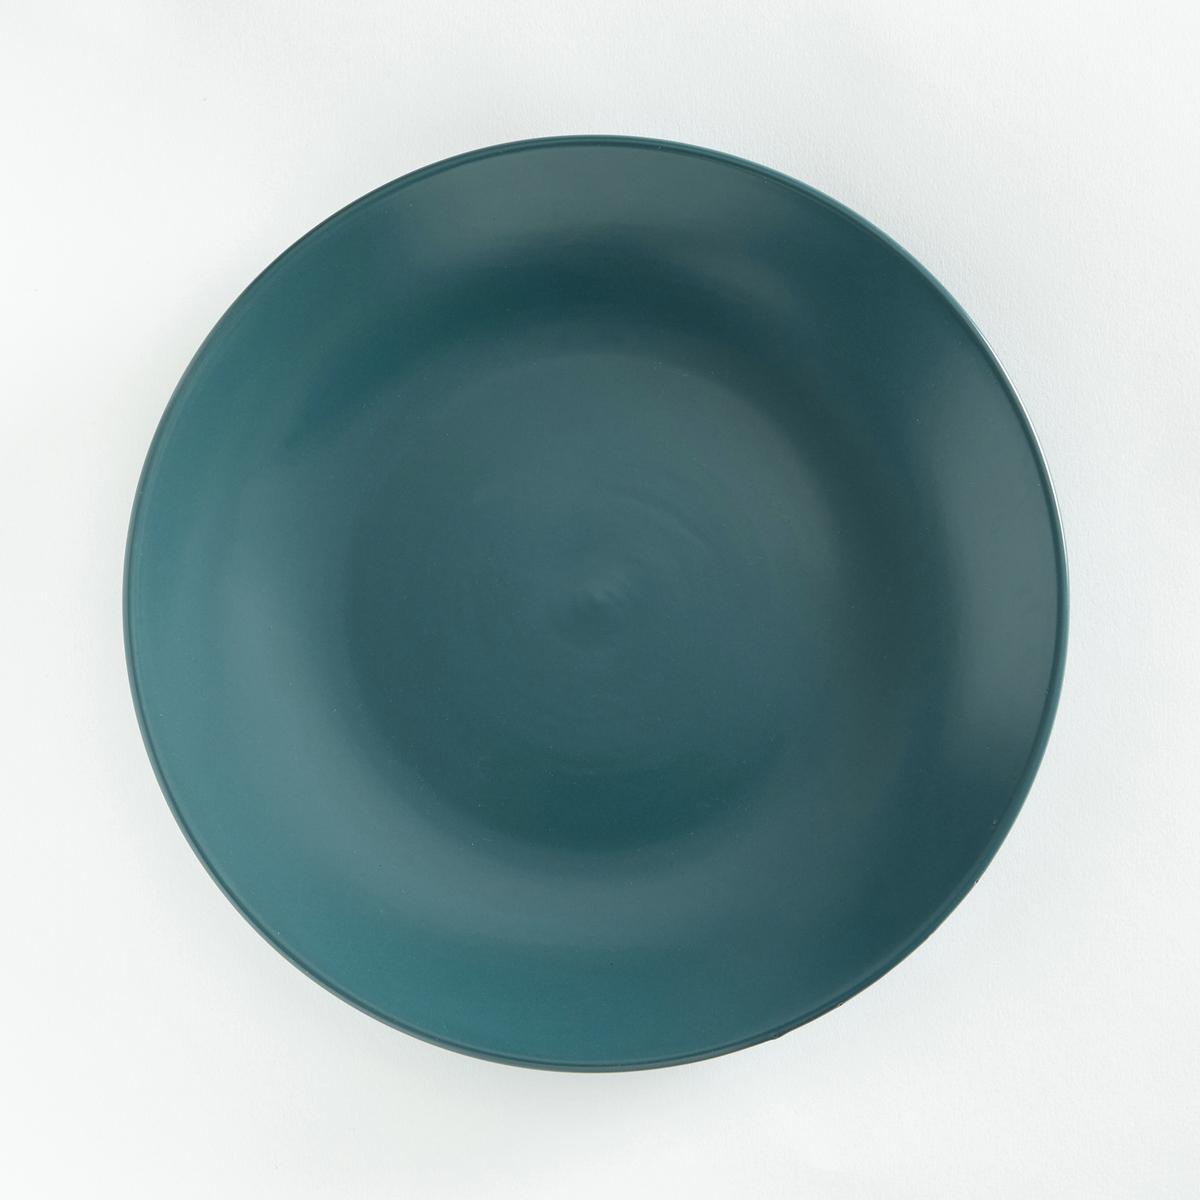 Комплект из 4 мелких тарелок из фаянса с матовой отделкой, MELYA ваза из фаянса catalpa